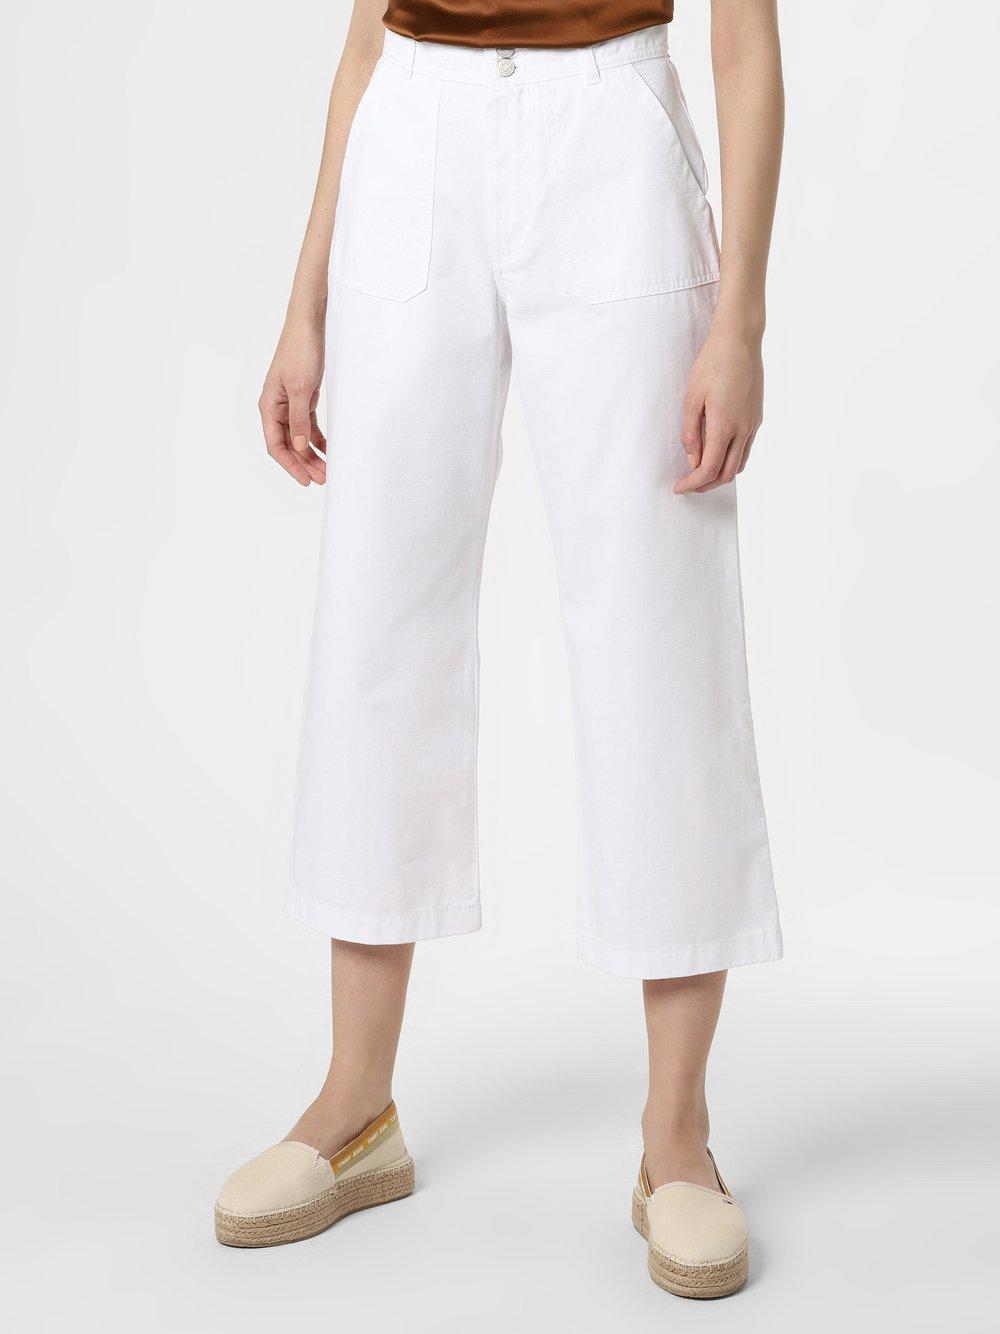 Tommy Jeans - Spodnie damskie, biały